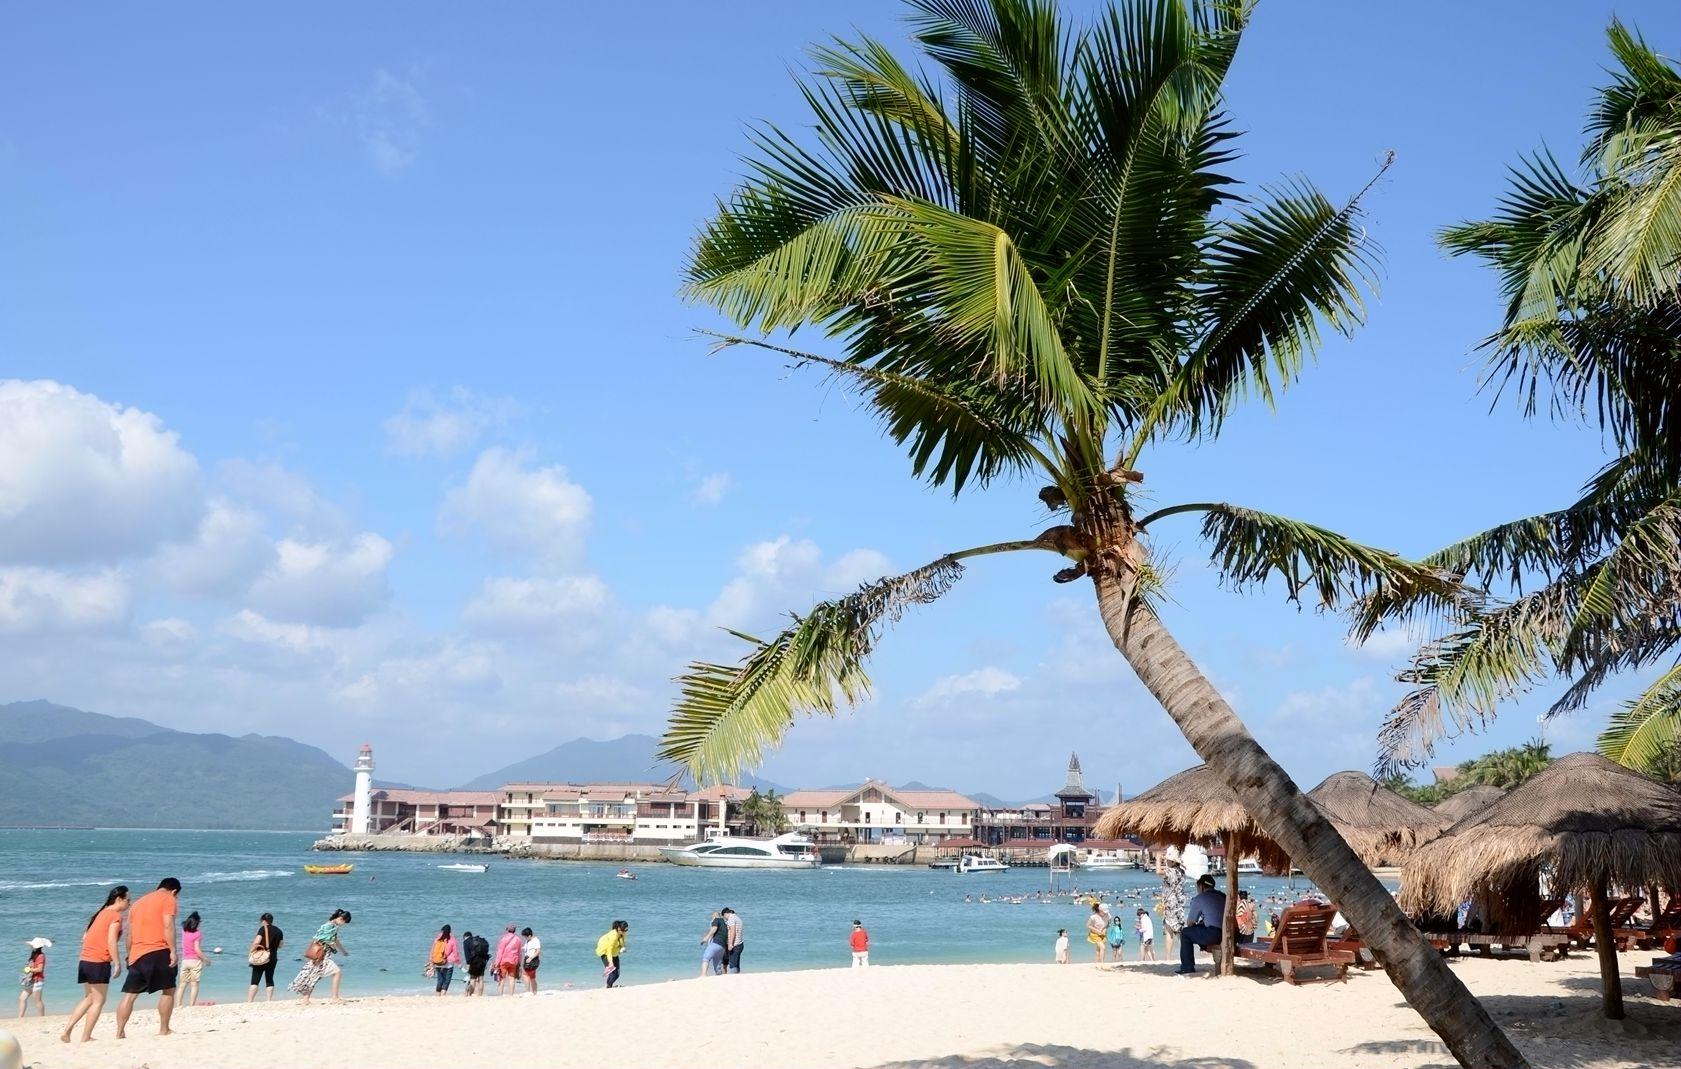 59国免签政策海外受宠 境外游客争相选择来三亚旅游